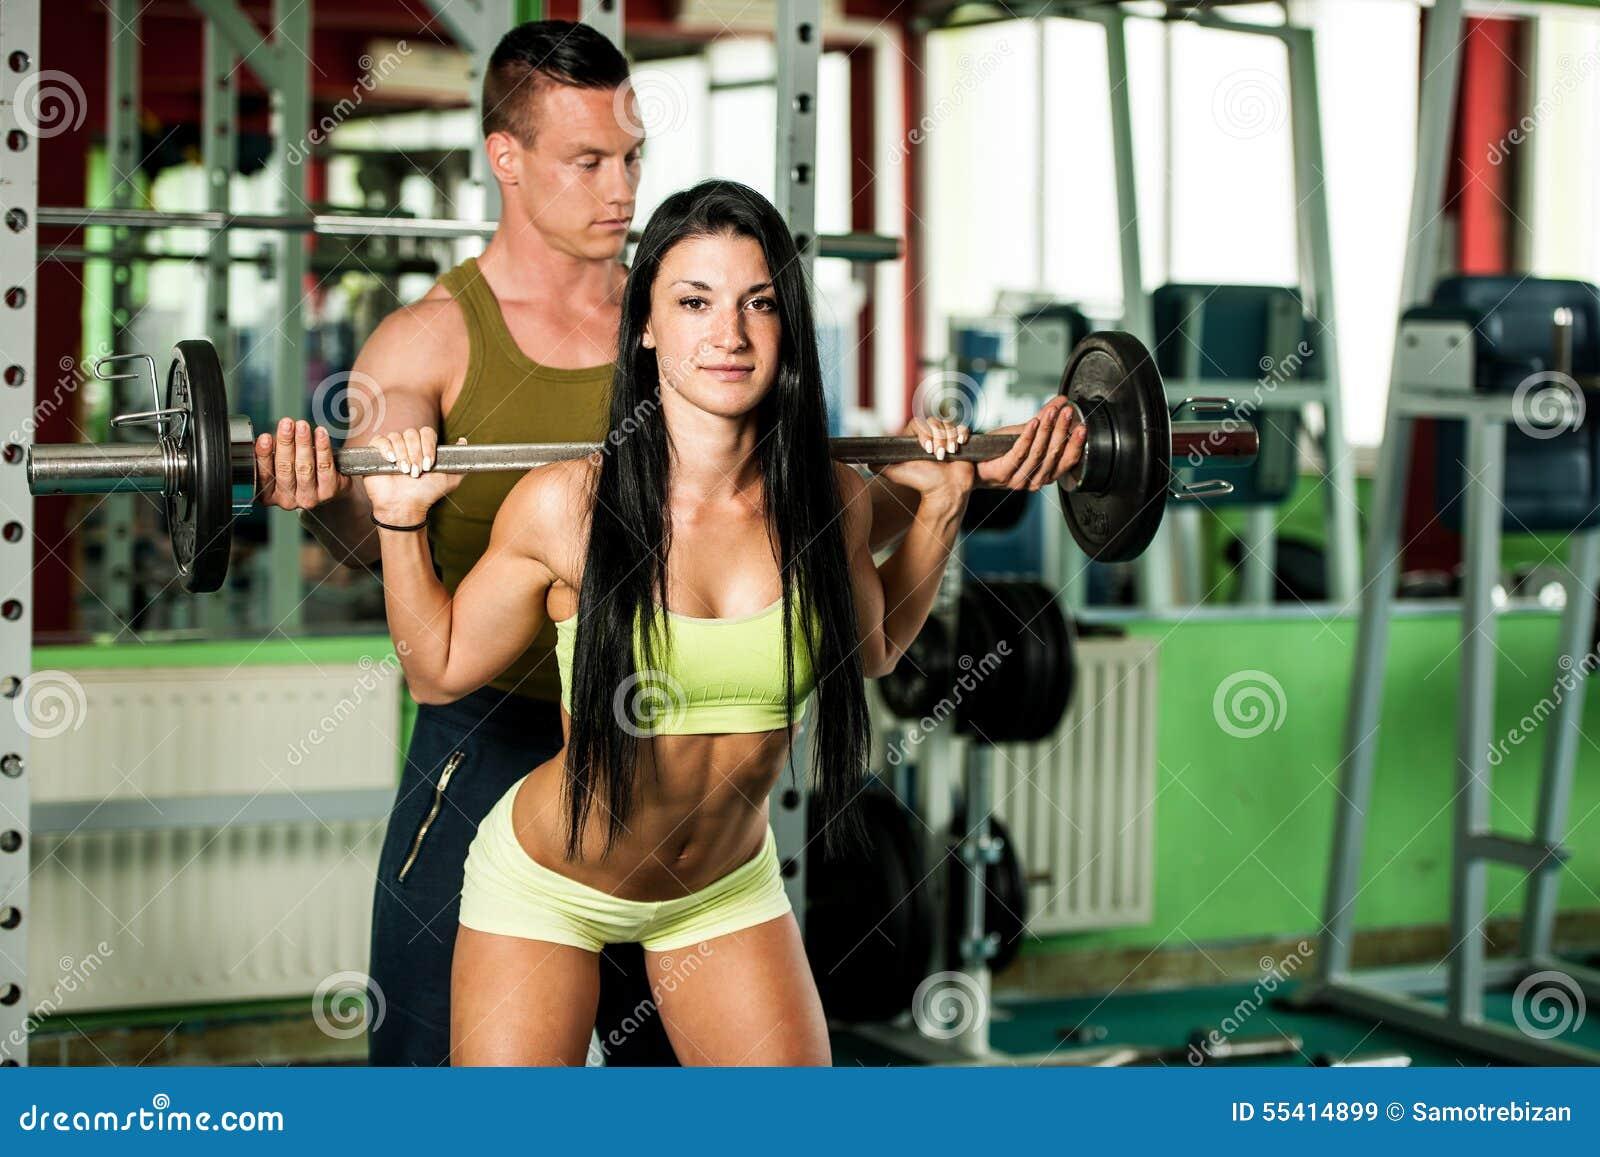 Konditionyouplegenomkörare - färdiga mann och kvinnan utbildar i idrottshall